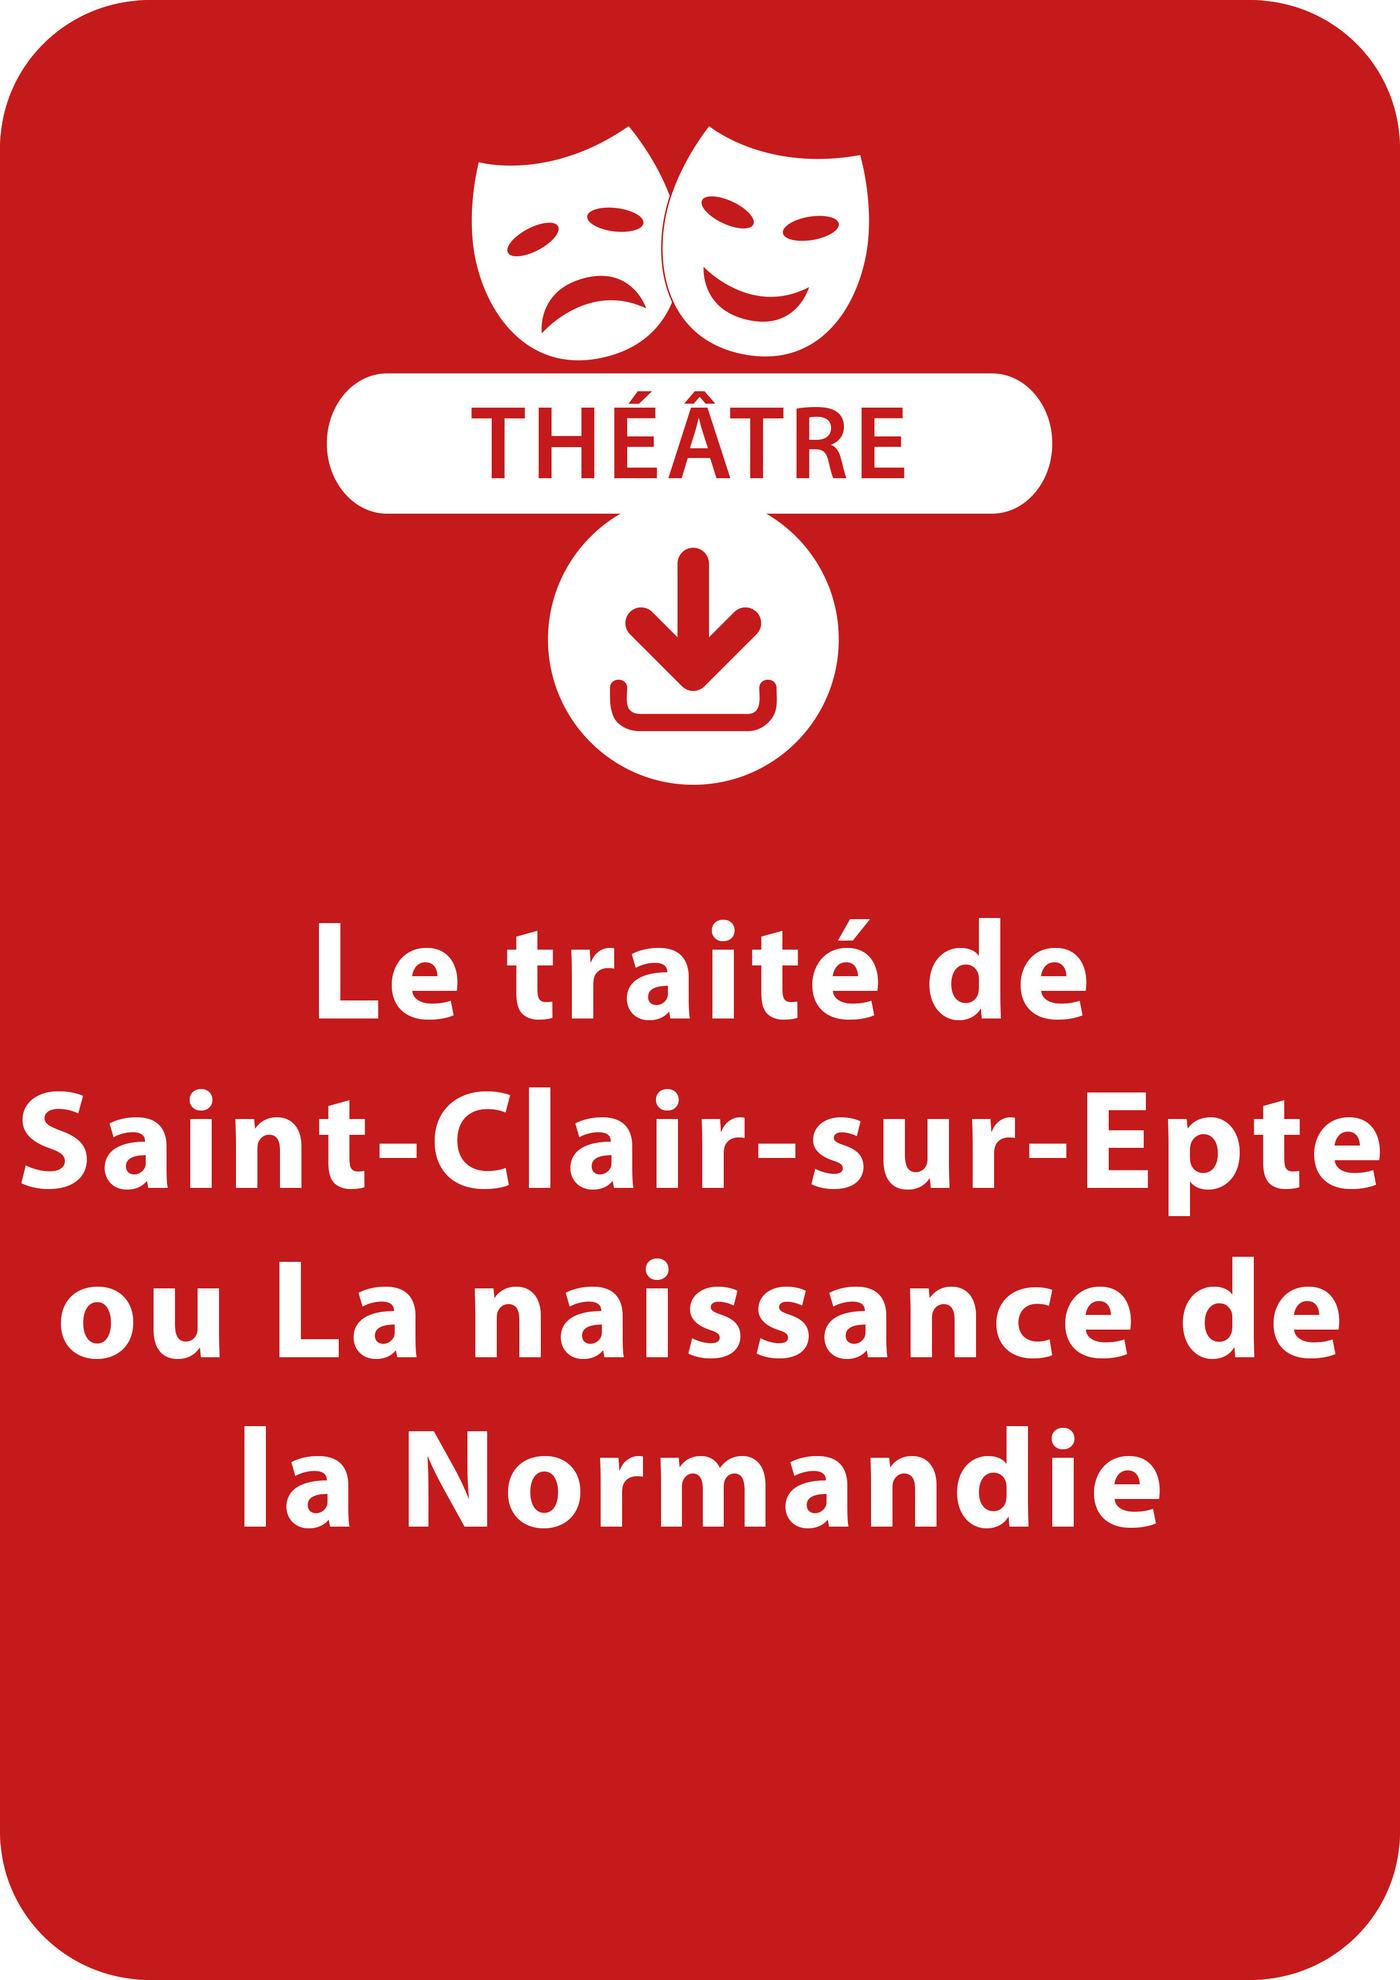 Le traité de Saint-Clair-sur-Epte ou La naissance de la Normandie (ebook)